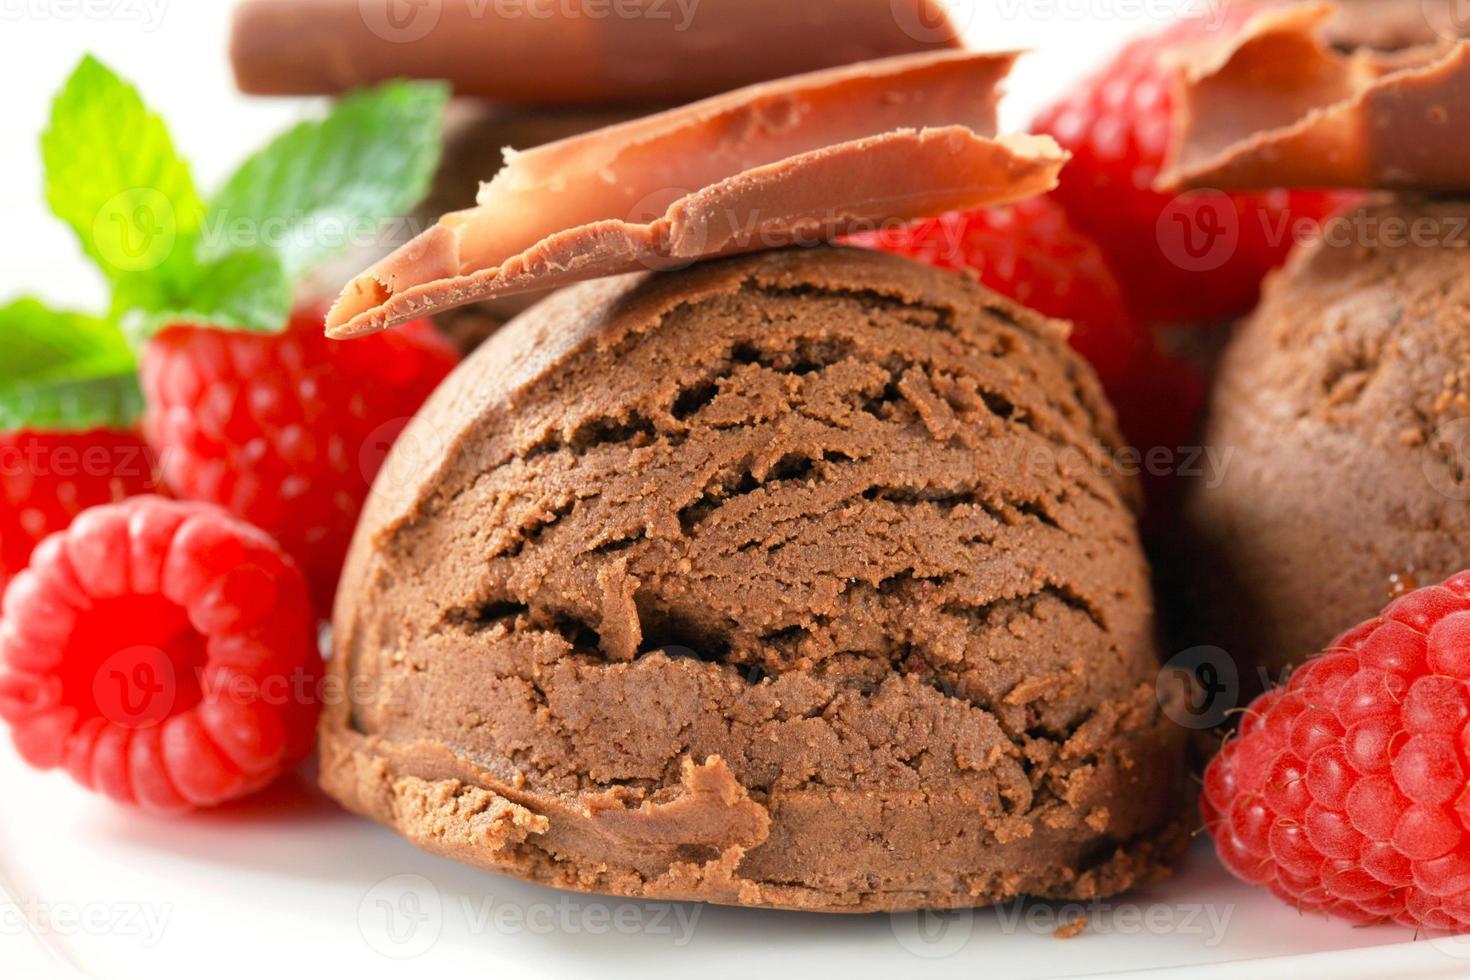 Schokoladeneis mit frischen Himbeeren foto